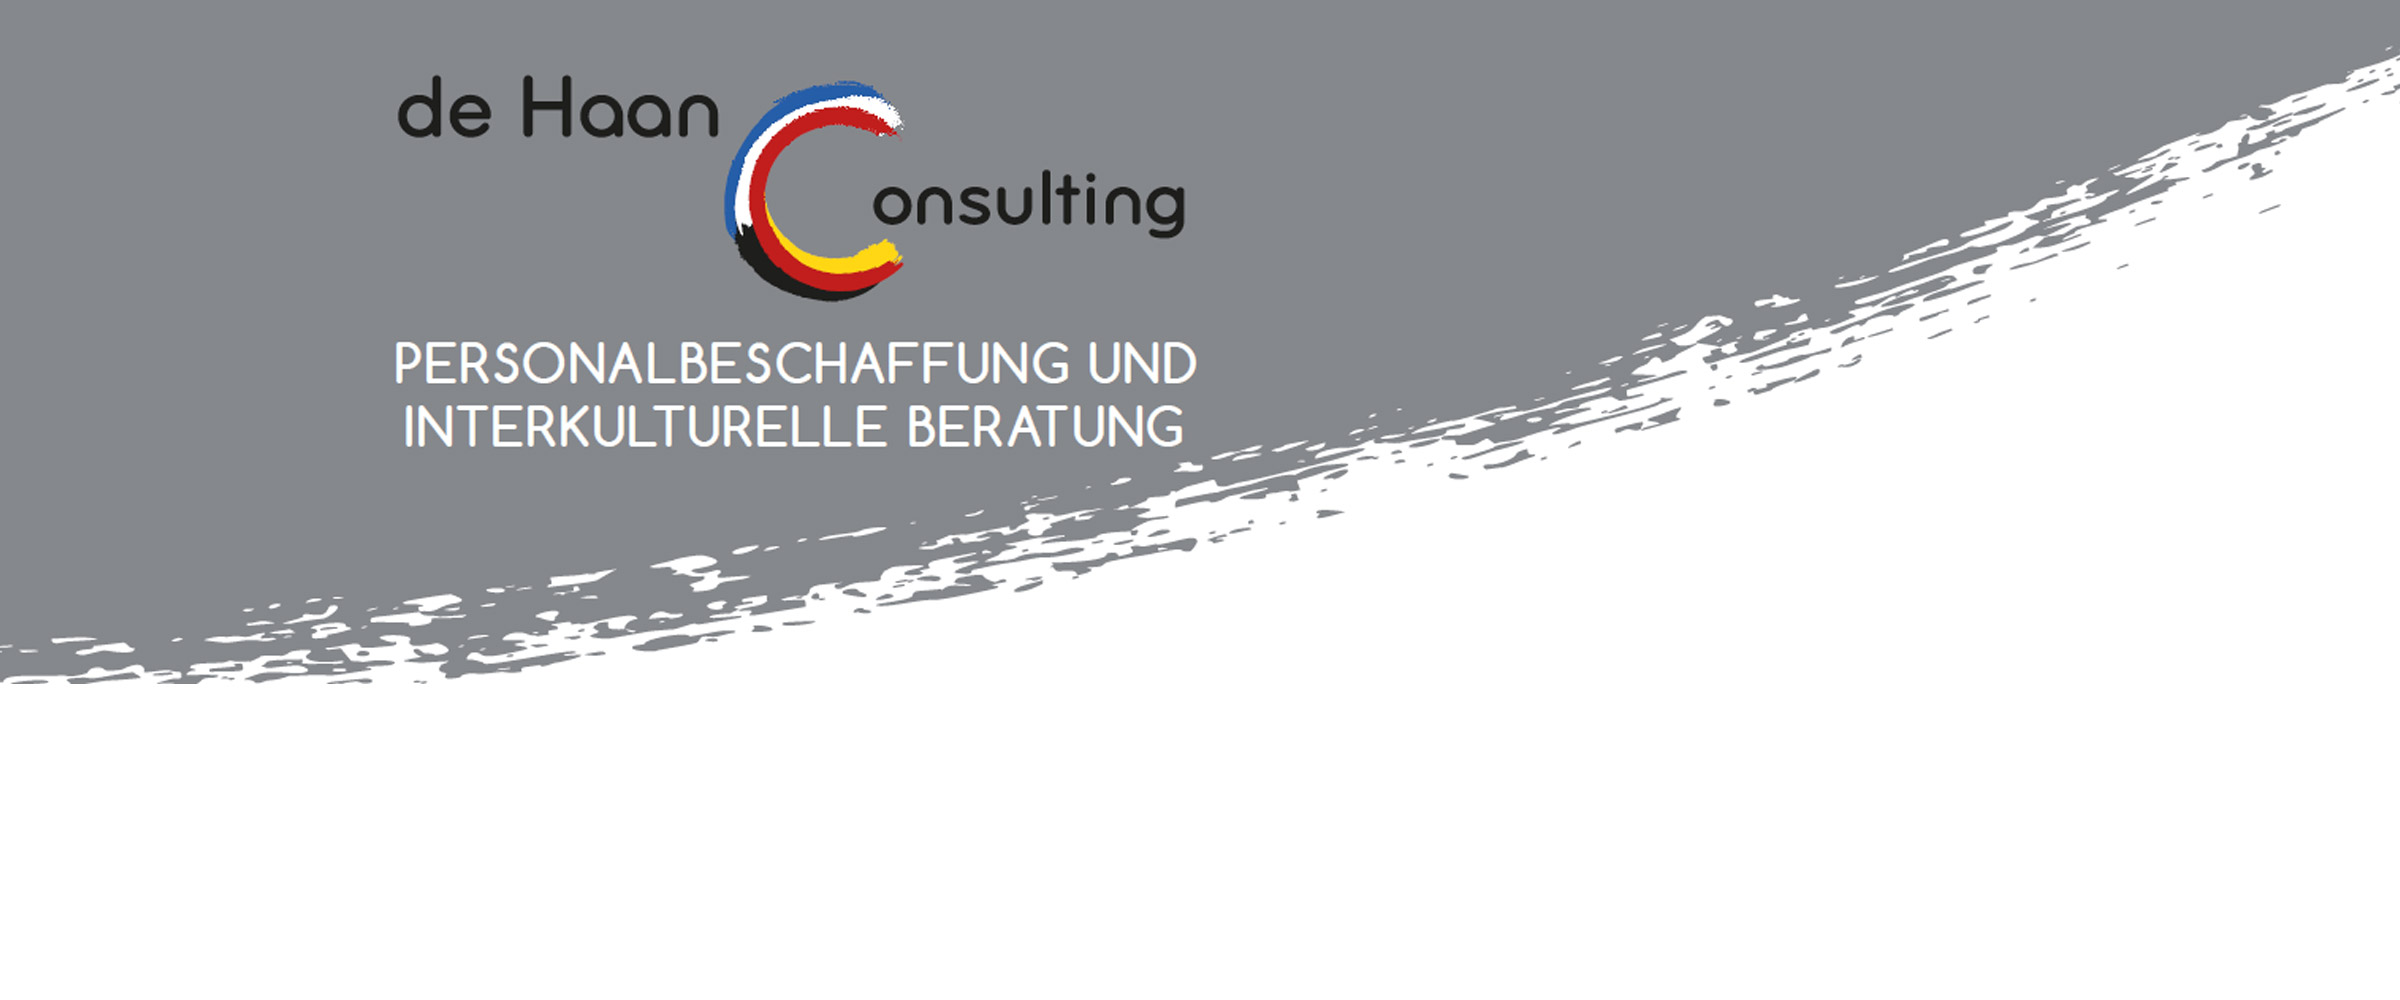 De Haan Consulting - französischer Personalberater